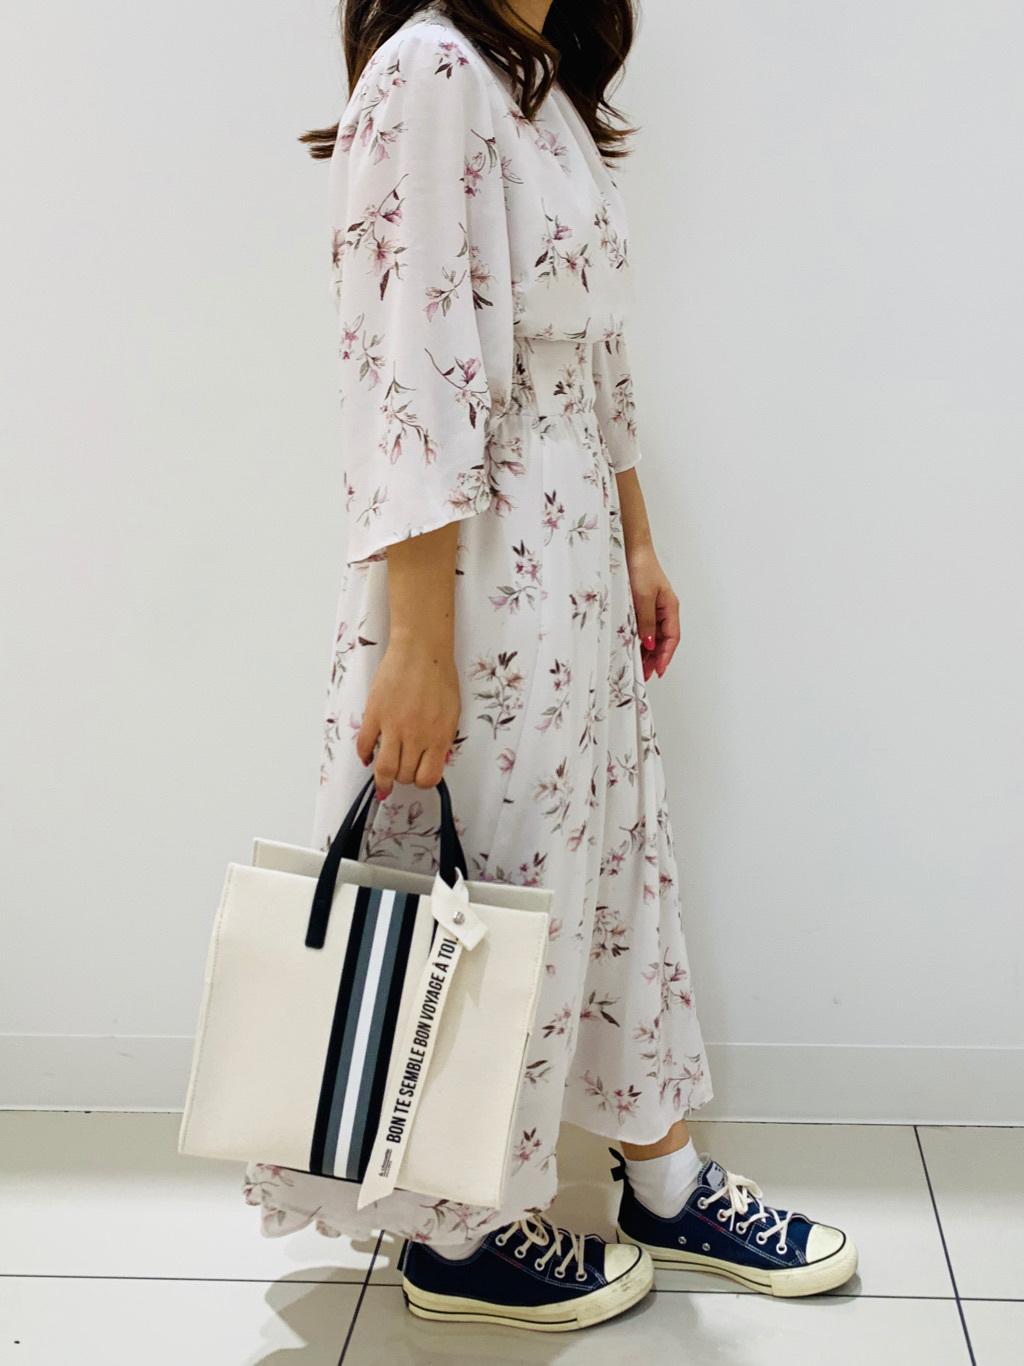 &シュエットギャラリーイオンモール岡山店 nozomi